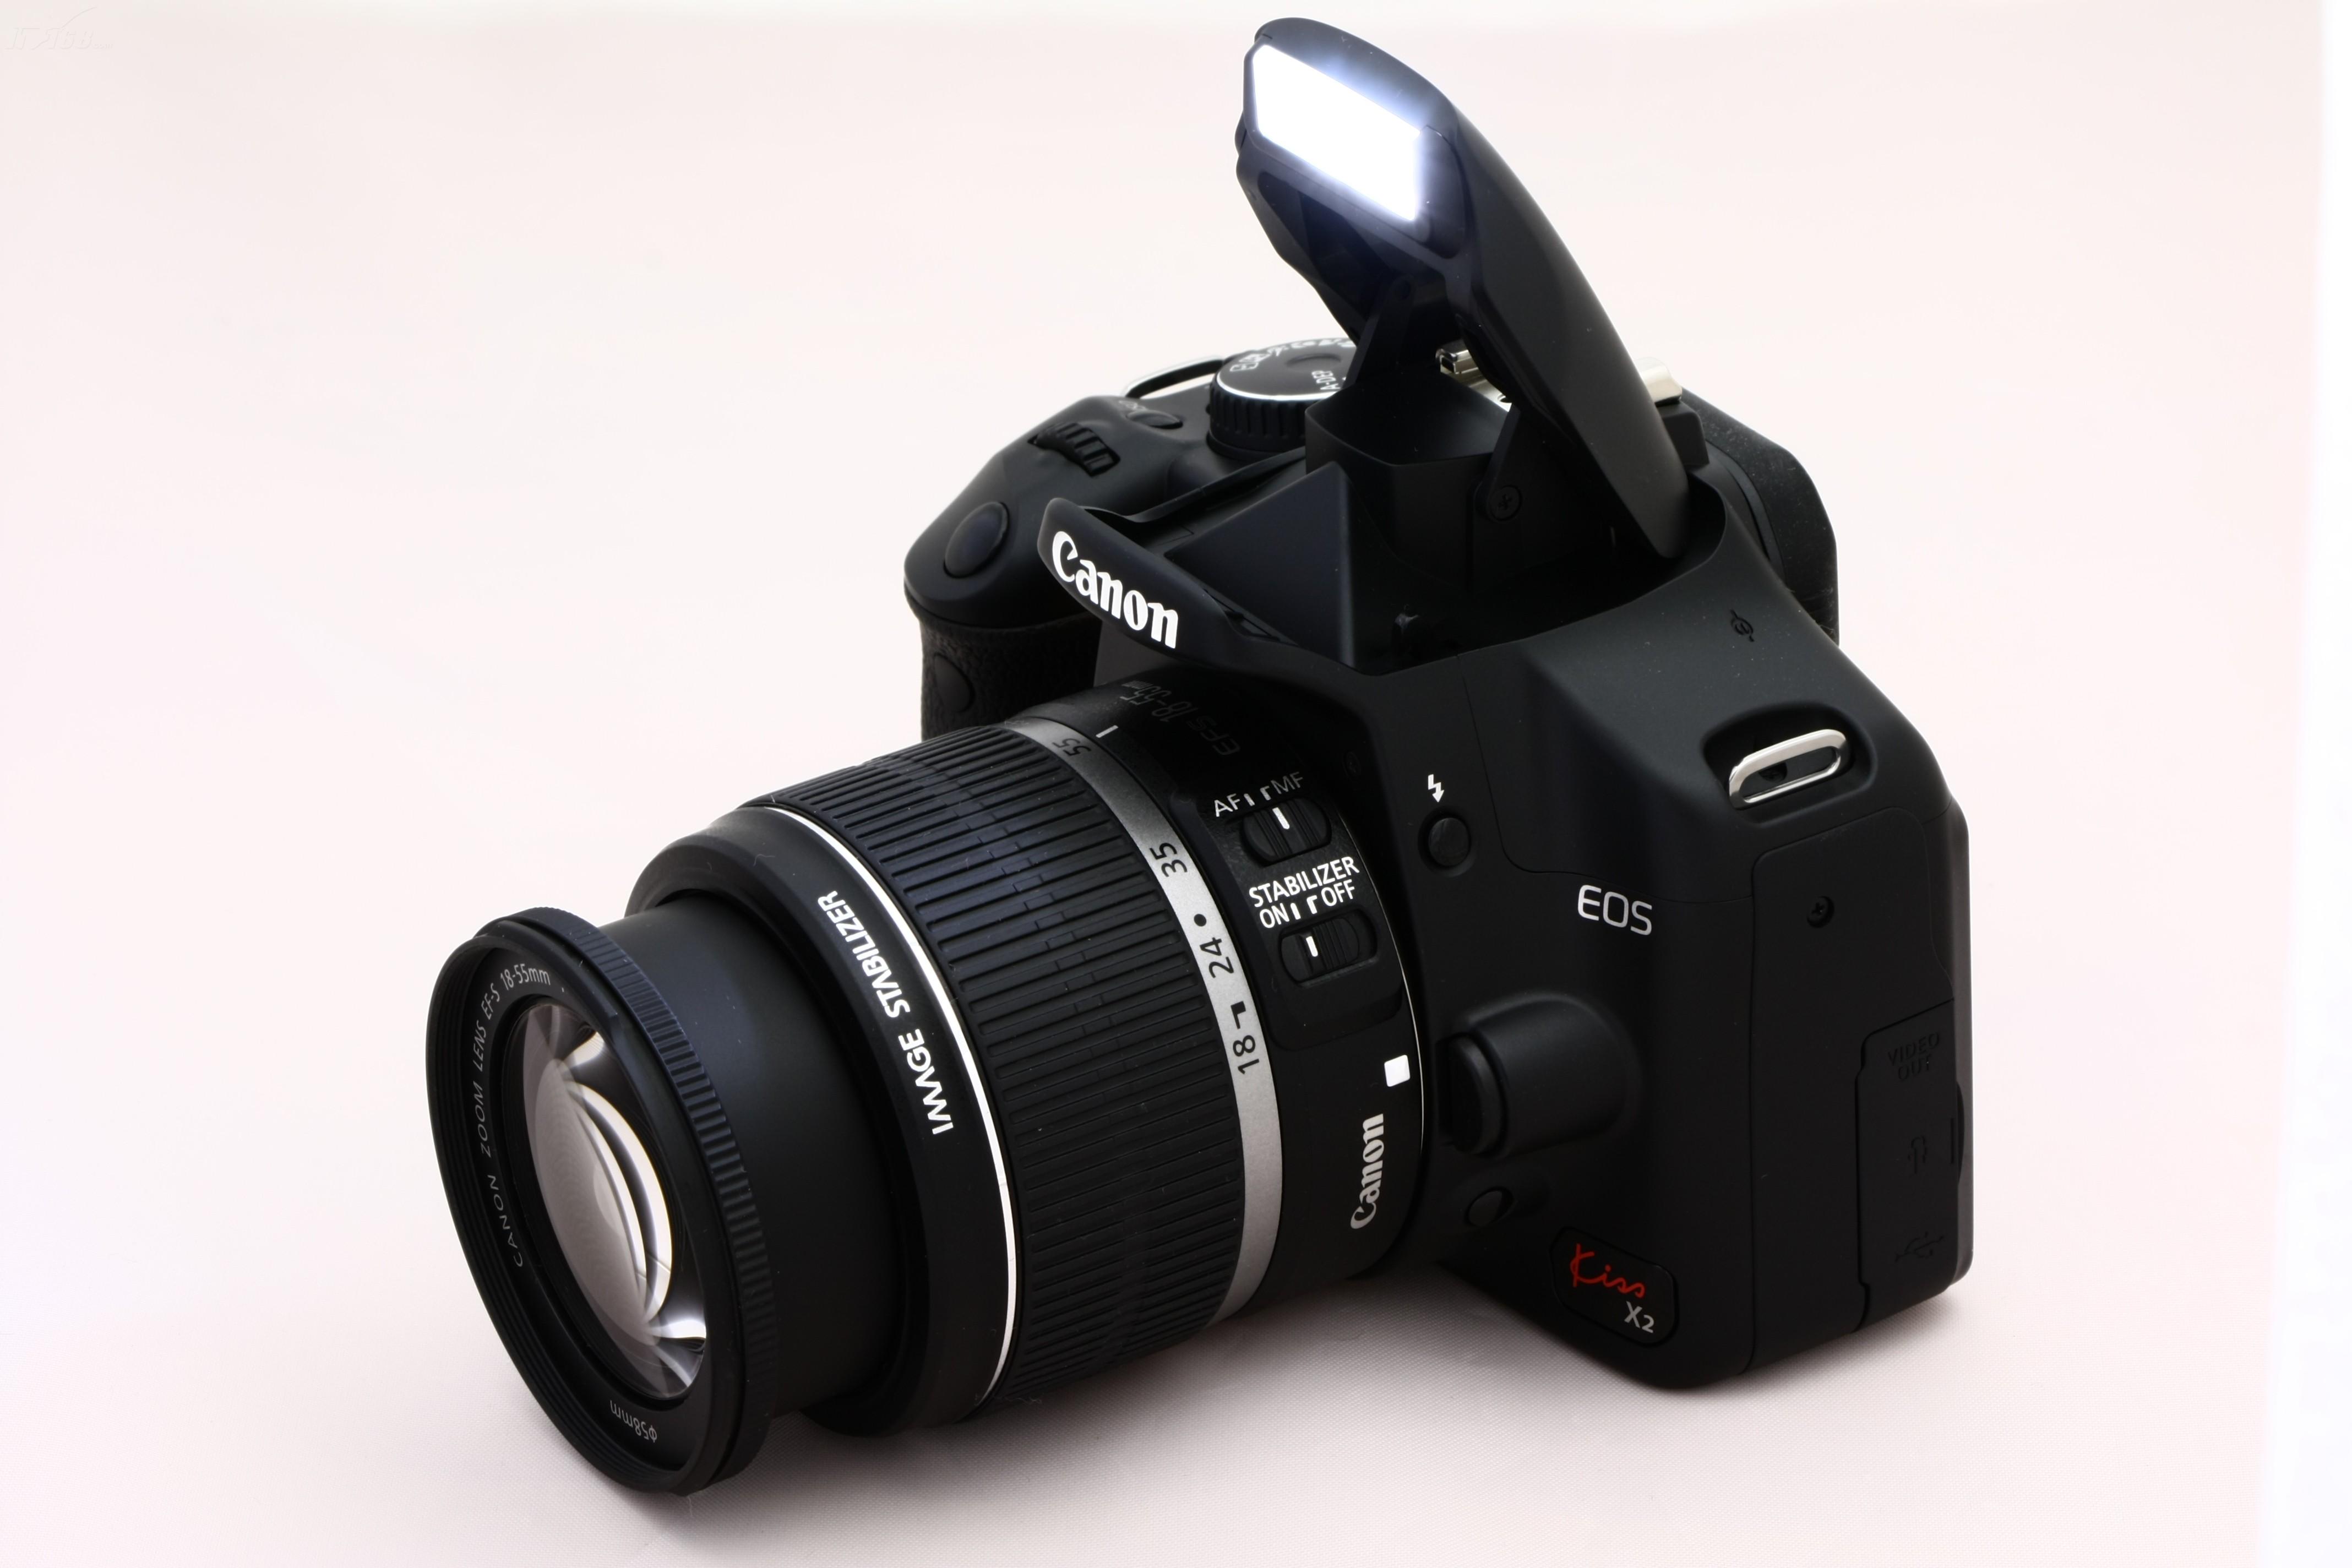 佳能eos 450d数码相机产品图片84素材-it168数码相机